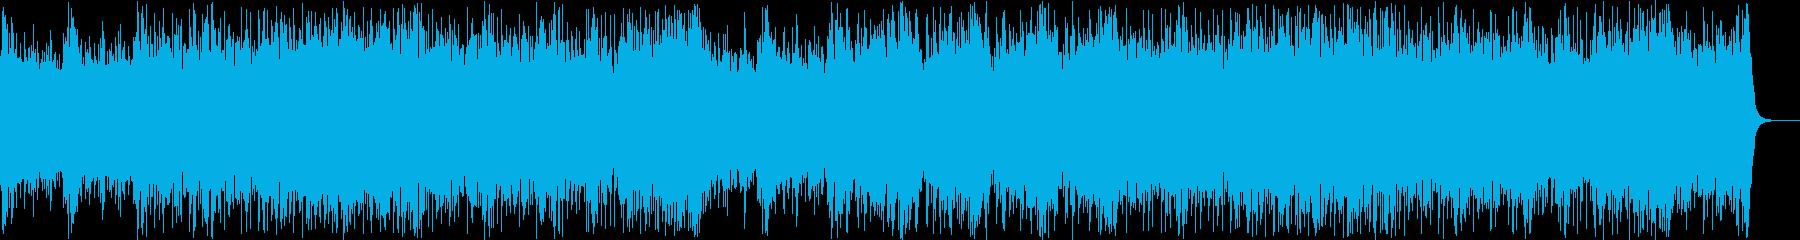 和風ロック:三味線・琴・尺八・和太鼓の再生済みの波形